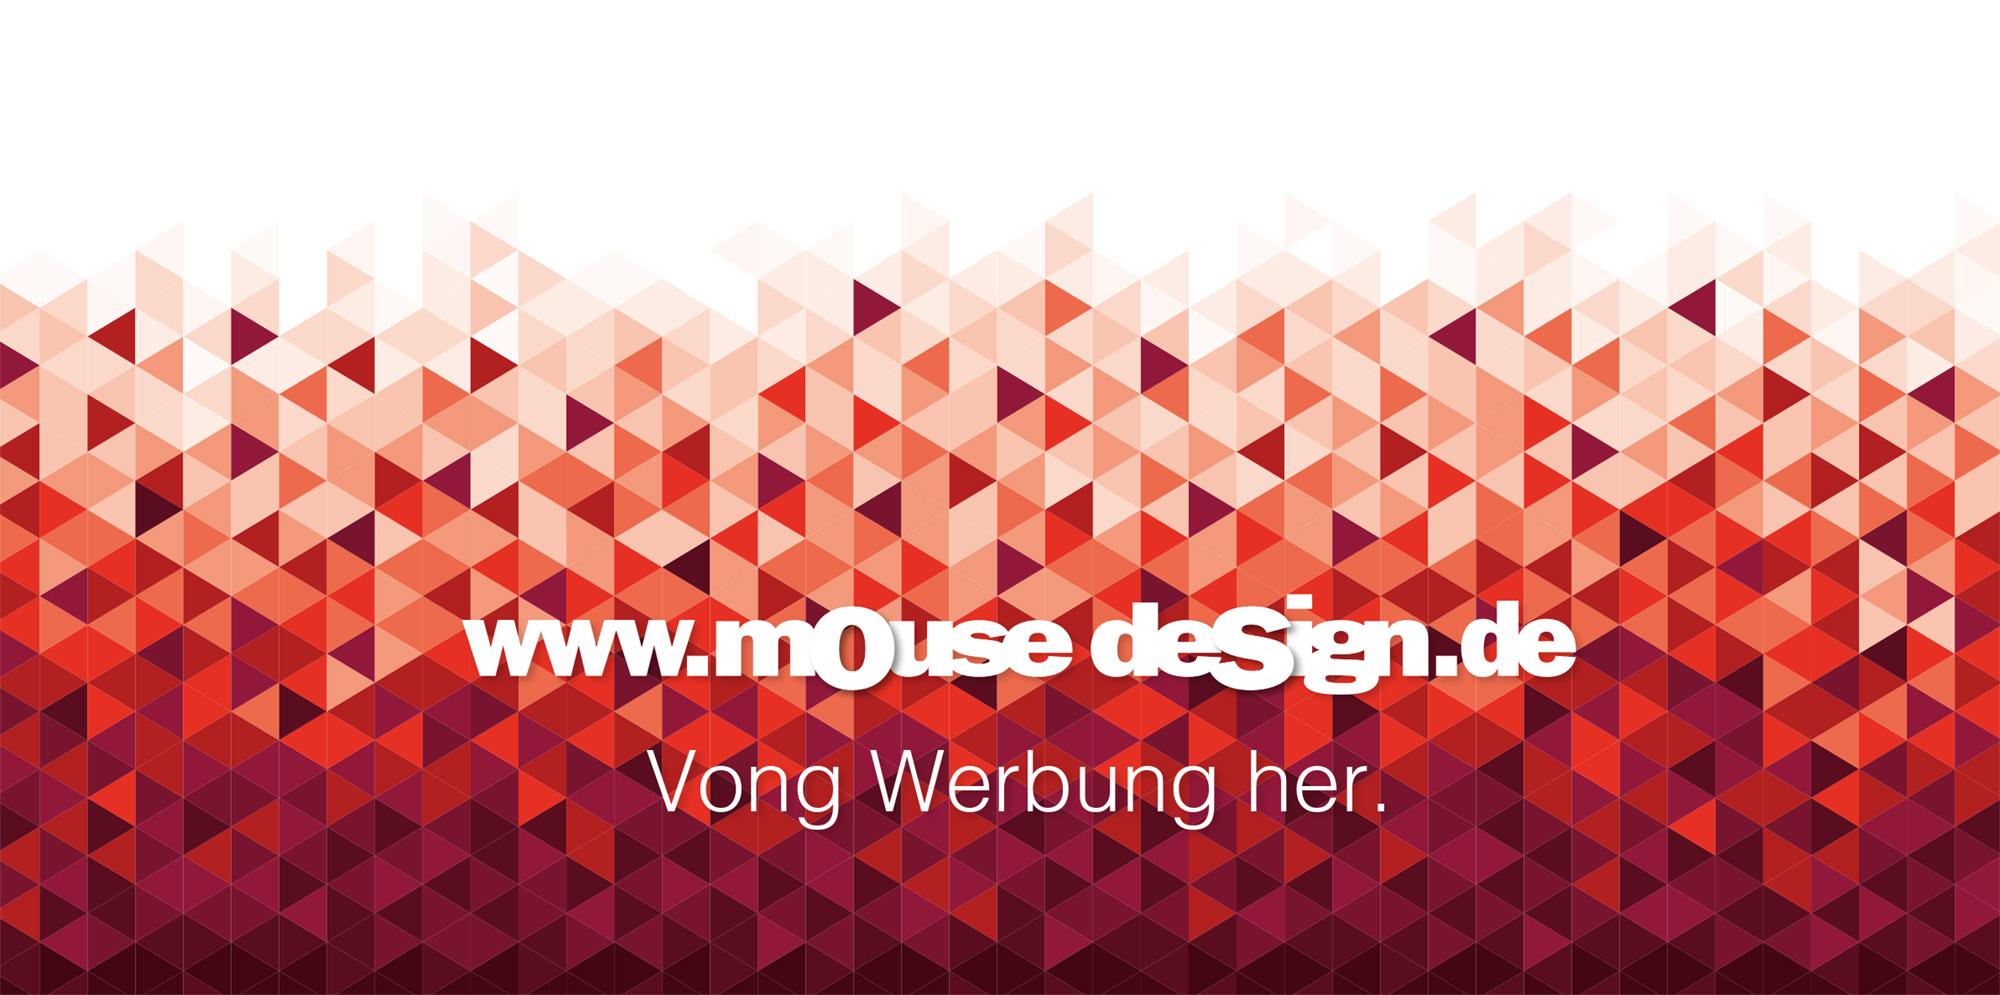 vong-werbung-her